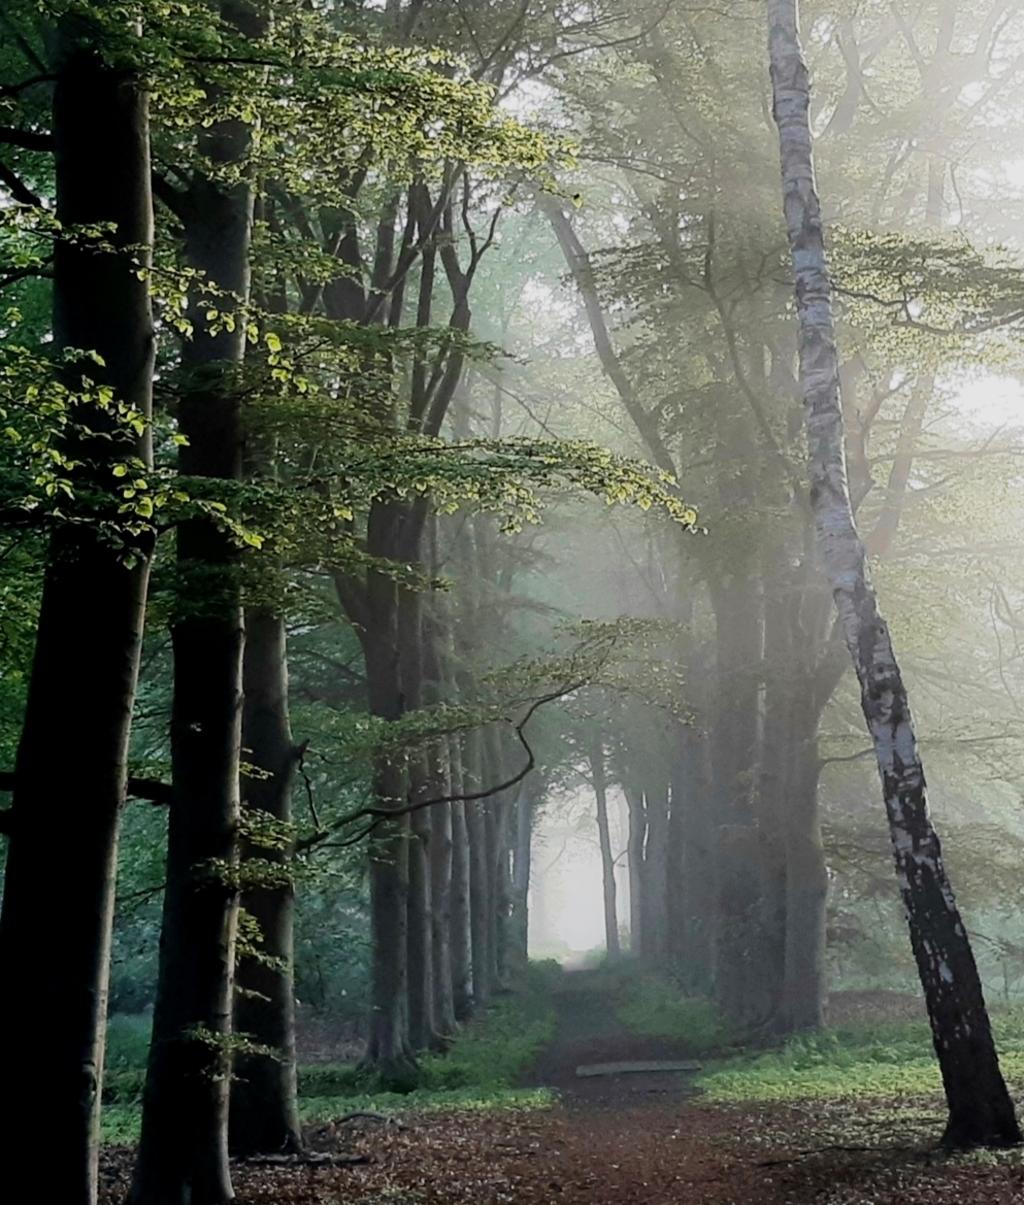 Tijdens een vroege ochtendwandeling in het Bos bij Bartimeus, op 28 mei 2021 (6:30 uur) werd de dauw in het bos langzaam verdreven door het licht en de zon.  Anneke Sontrop © BDU